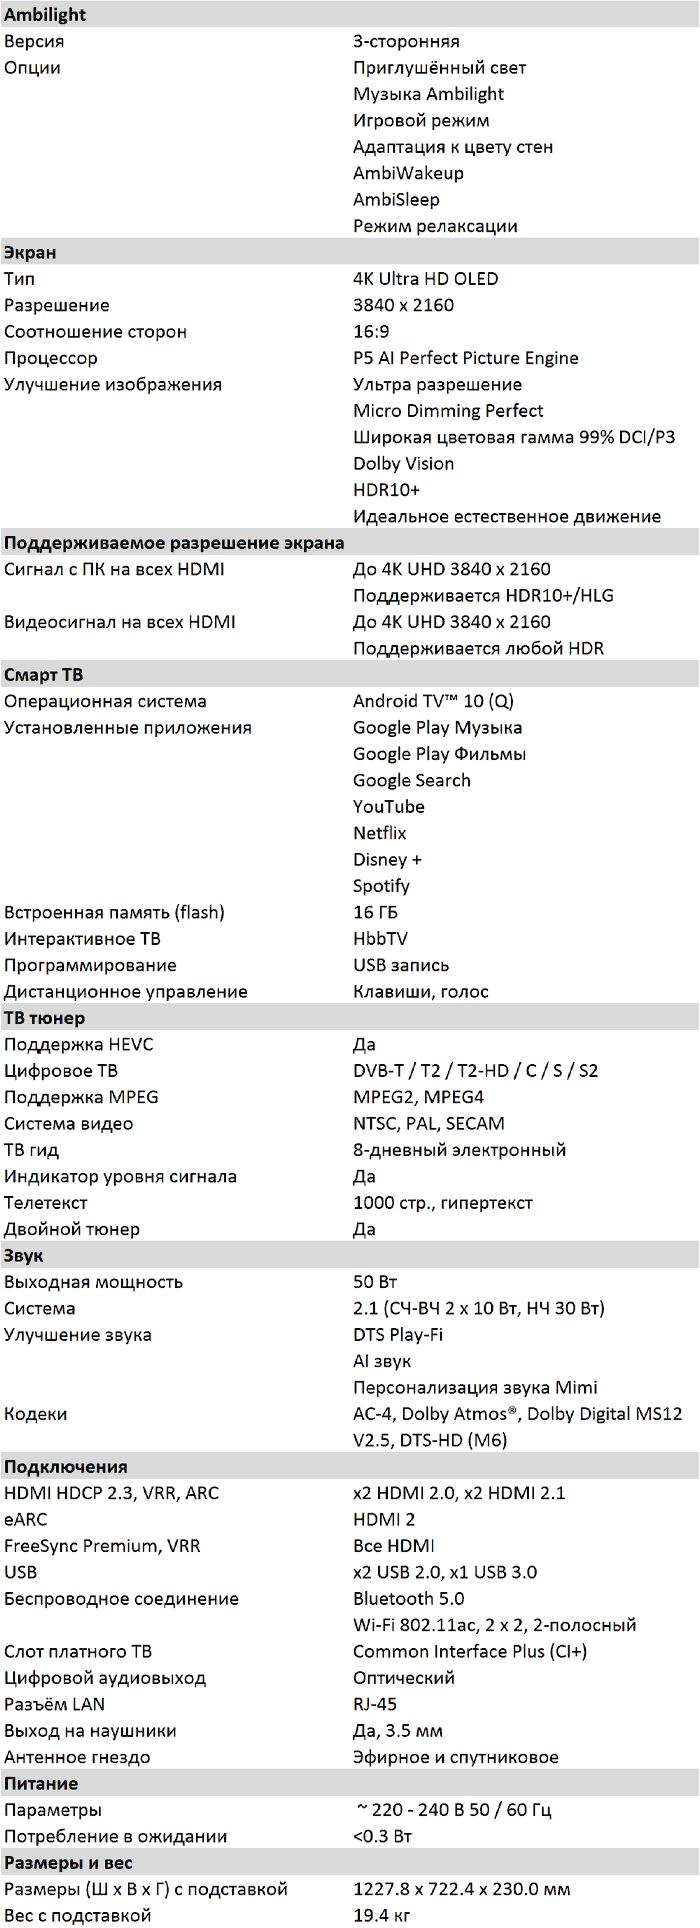 Характеристики OLED 706